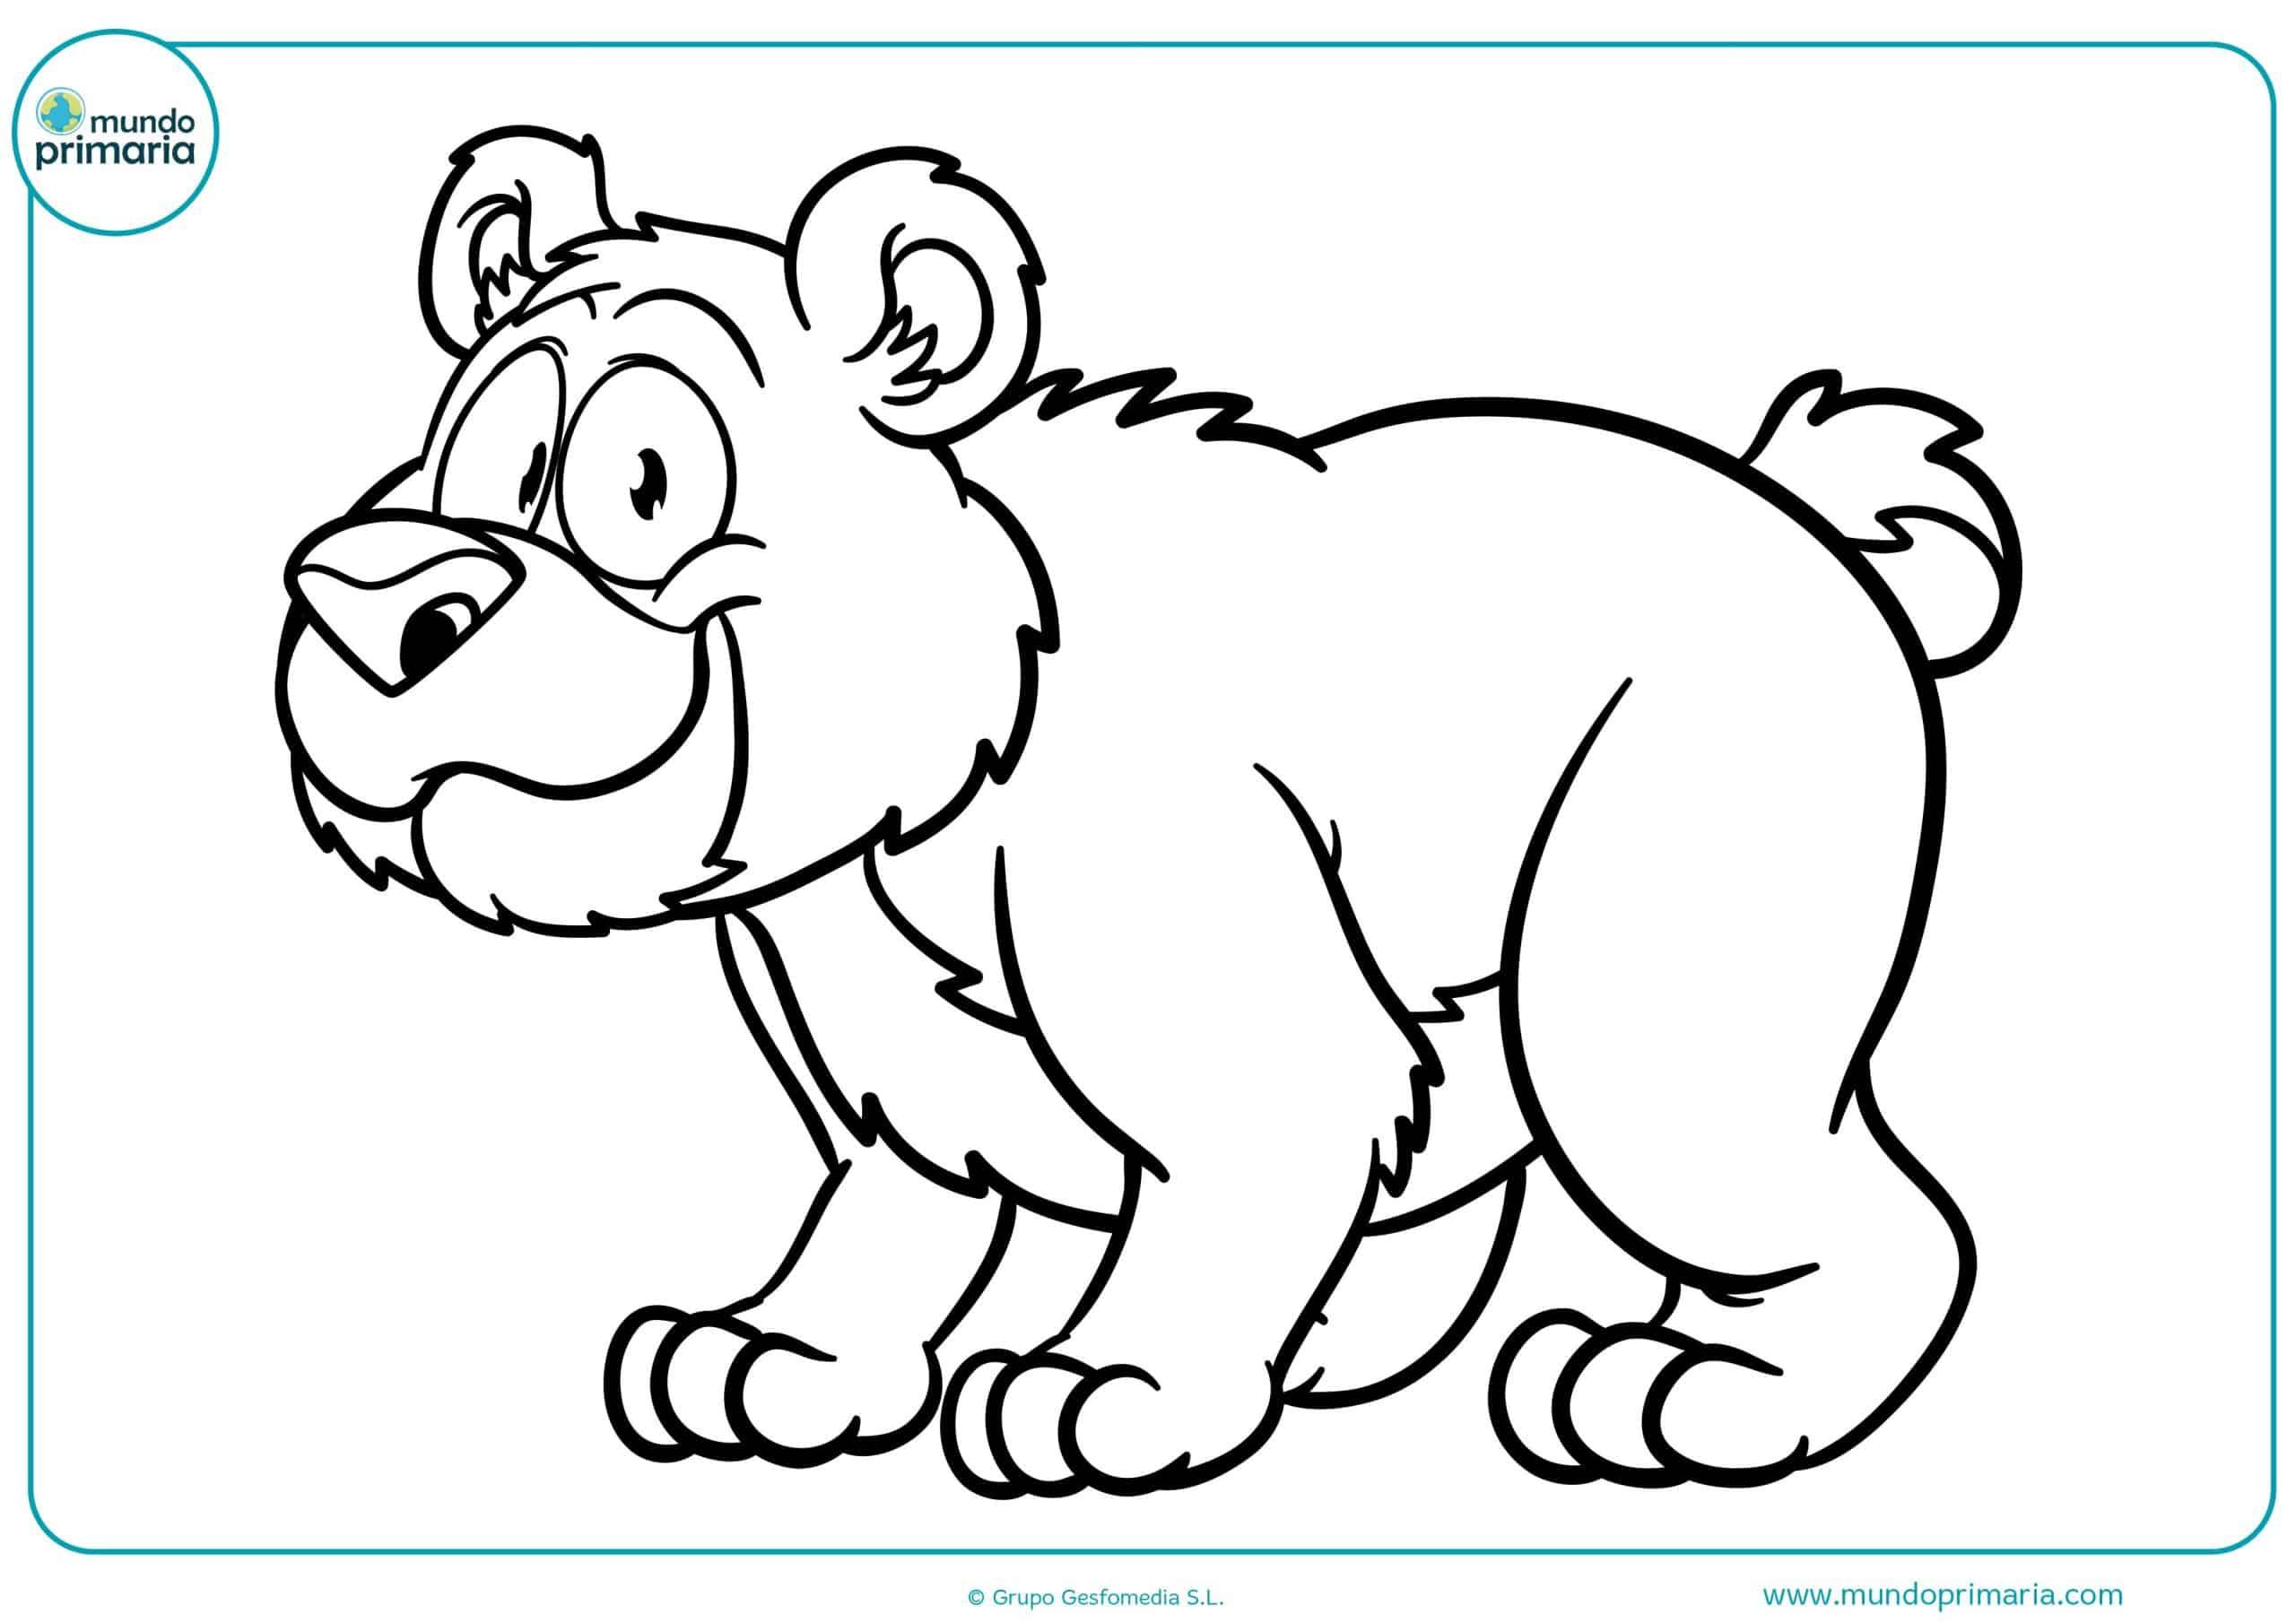 Descargar dibujo bosque animales colorear gratis